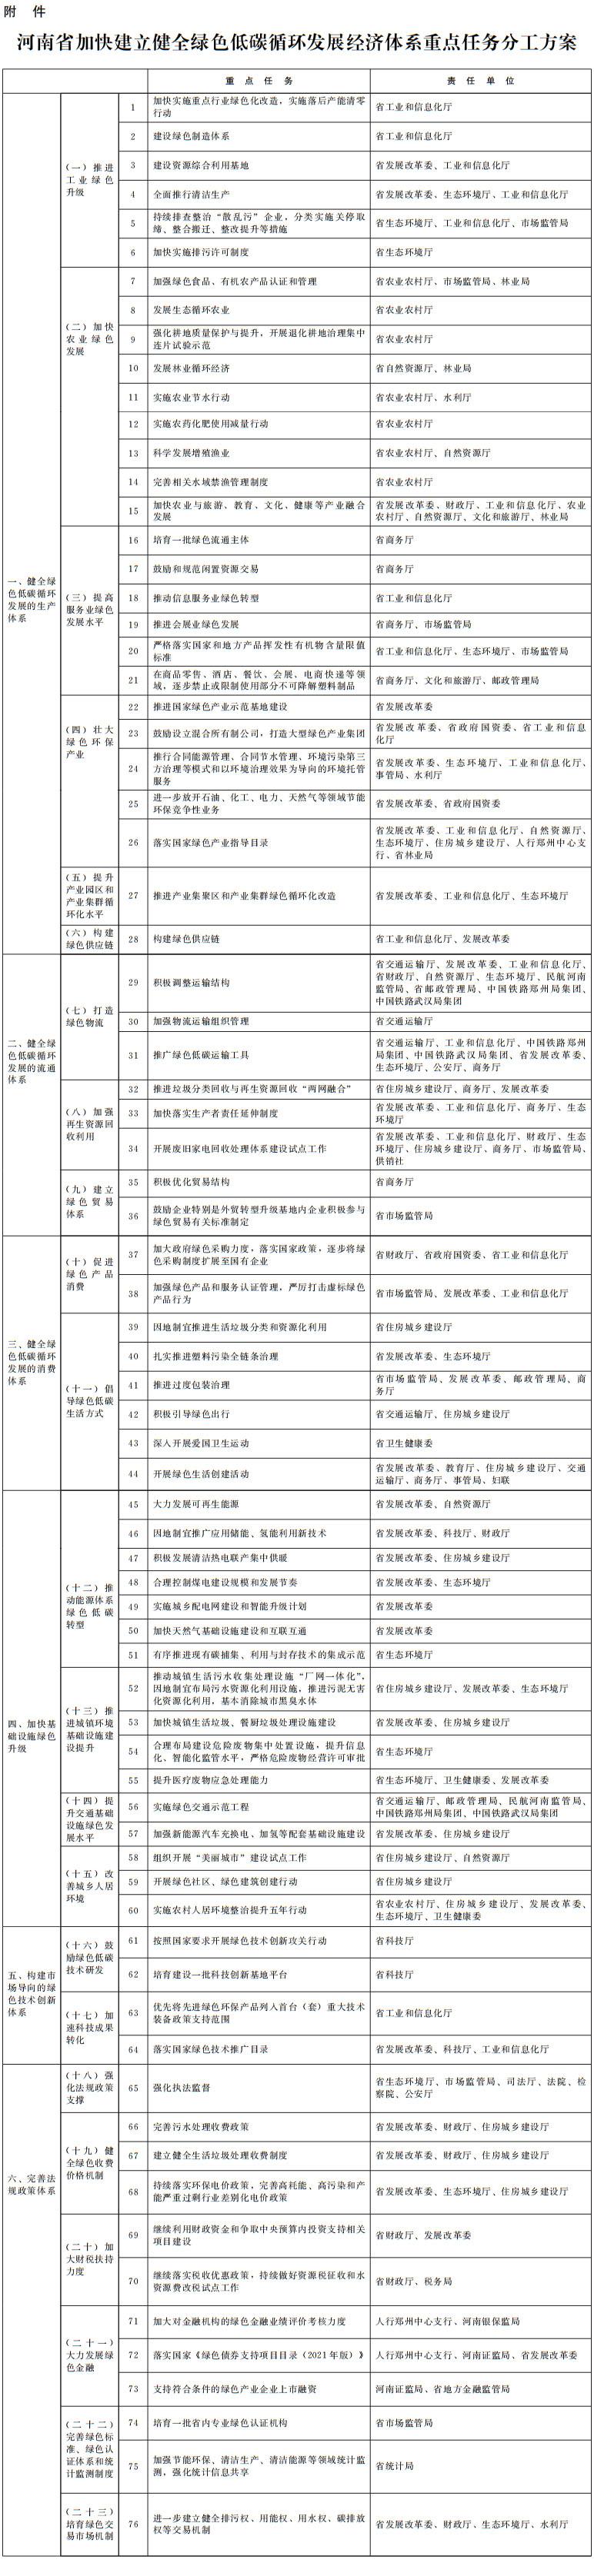 河南省人民政府关于加快建立健全绿色低碳循环发展经济体系的实施意见